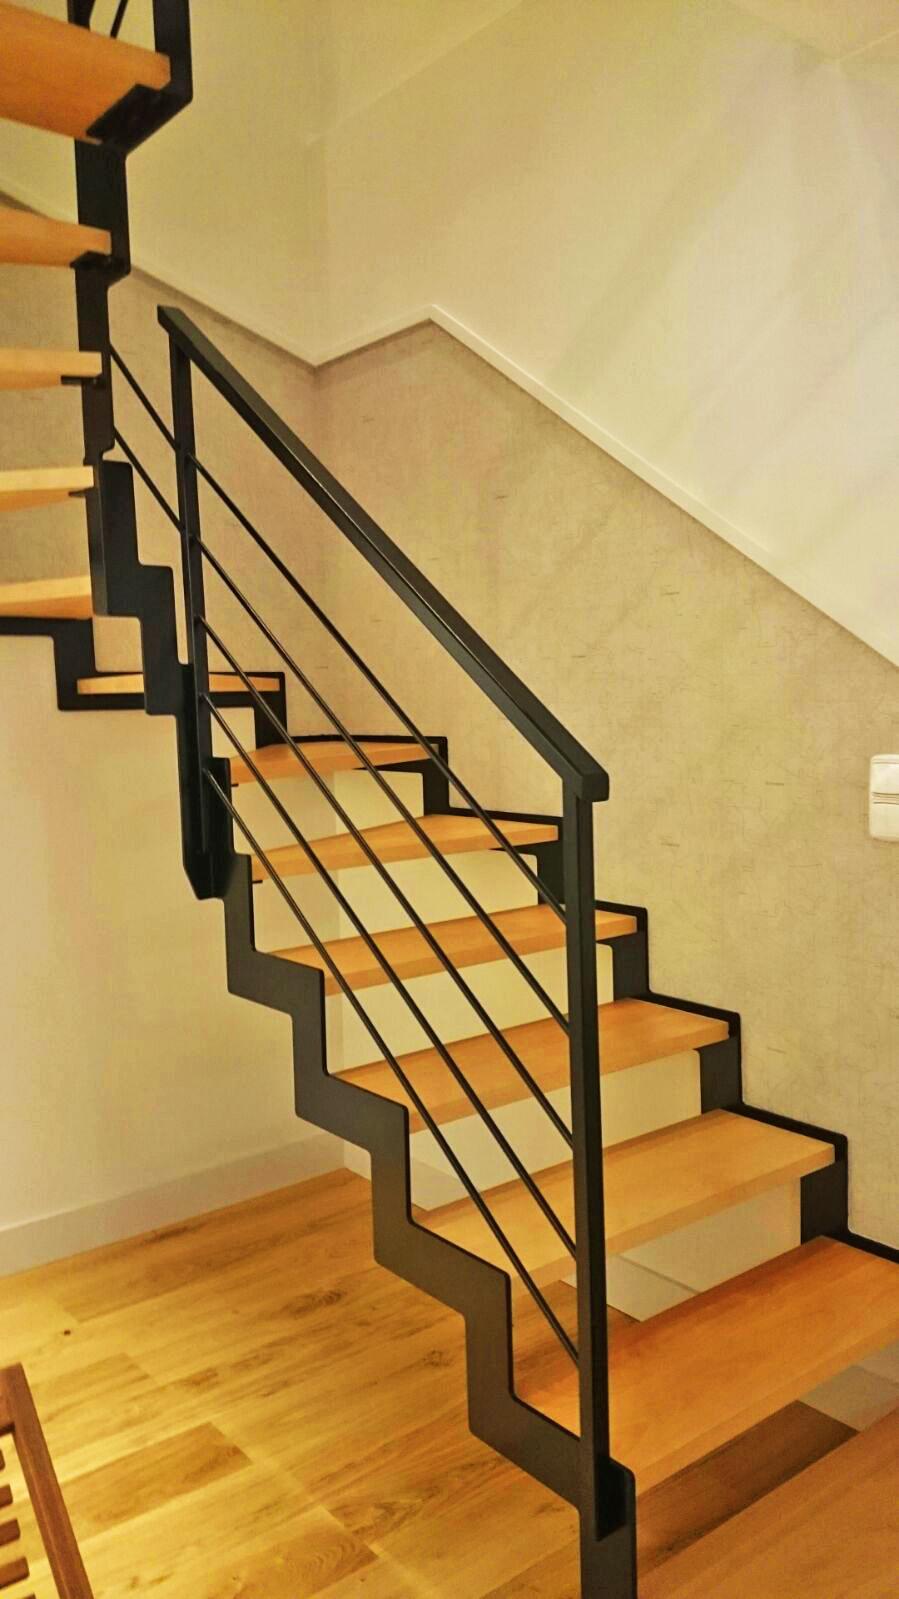 escaleras metlicas interior adems realizamos portones barandas piezas en general en acero inoxidable desde dimensiones pequeas hasta amplias aportando